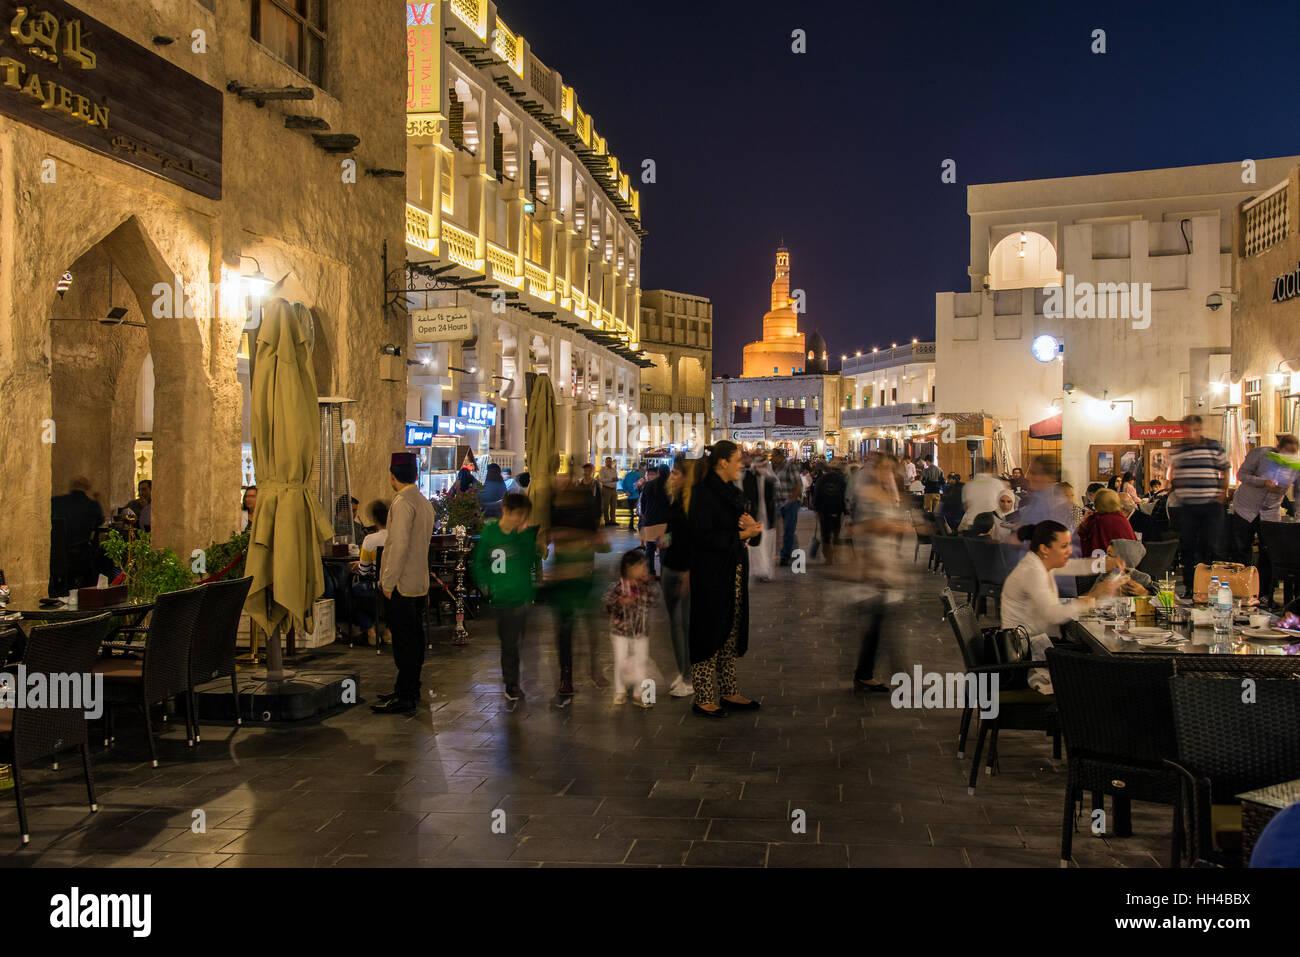 Vue de nuit sur la terrasse d'un café restaurant le long de la zone piétonne de Souq Waqif, Doha, Photo Stock